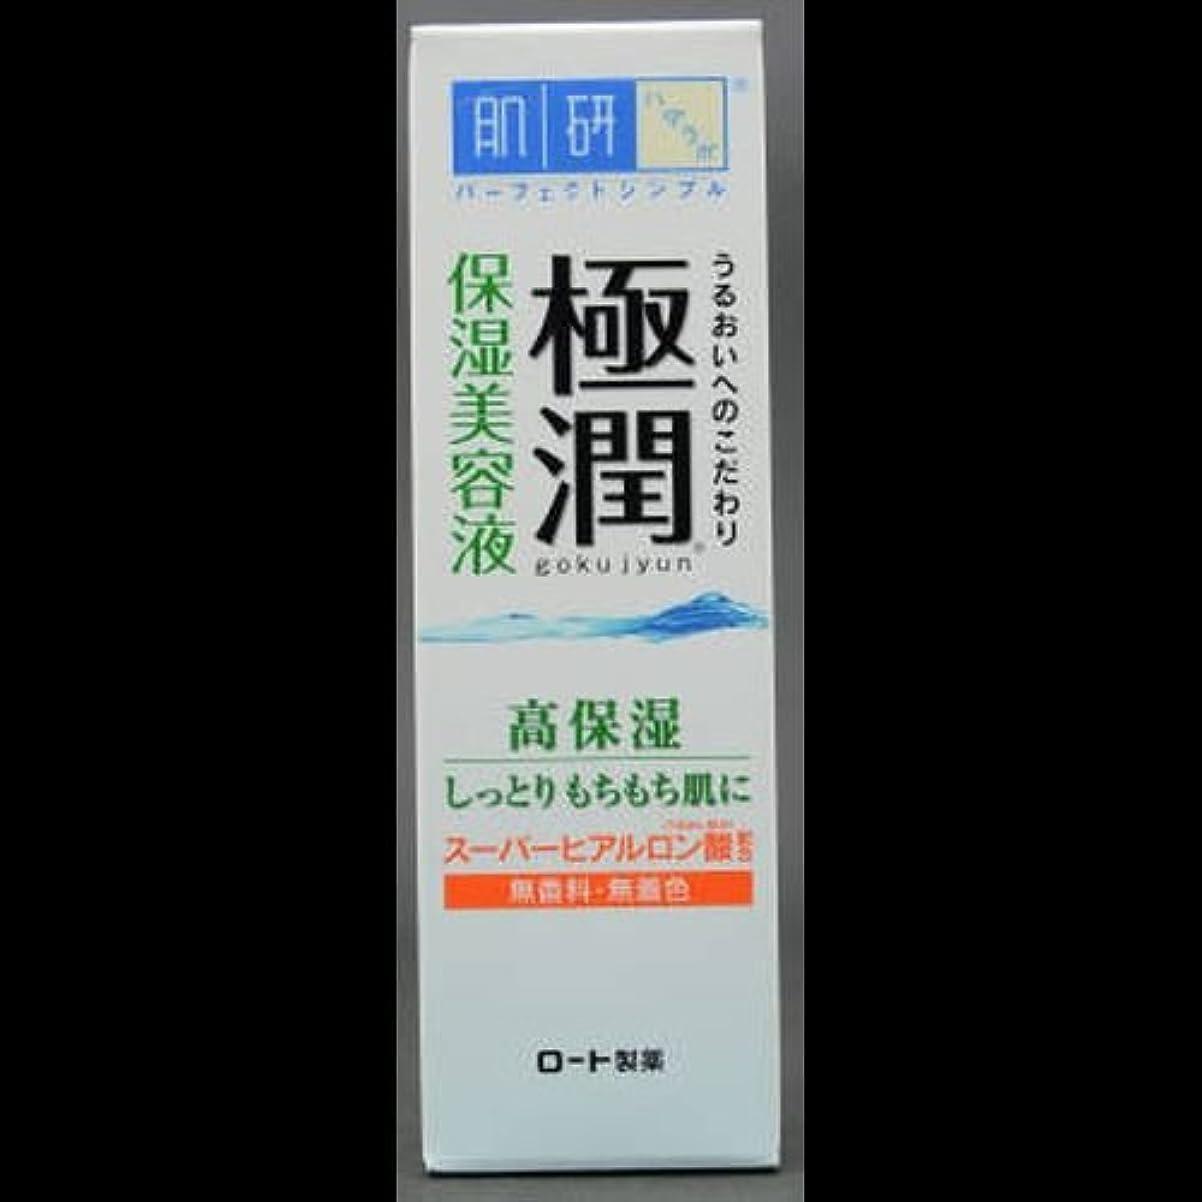 気を散らす順番優しい【まとめ買い】肌研 極潤 ヒアルロン美容液 30g ×2セット